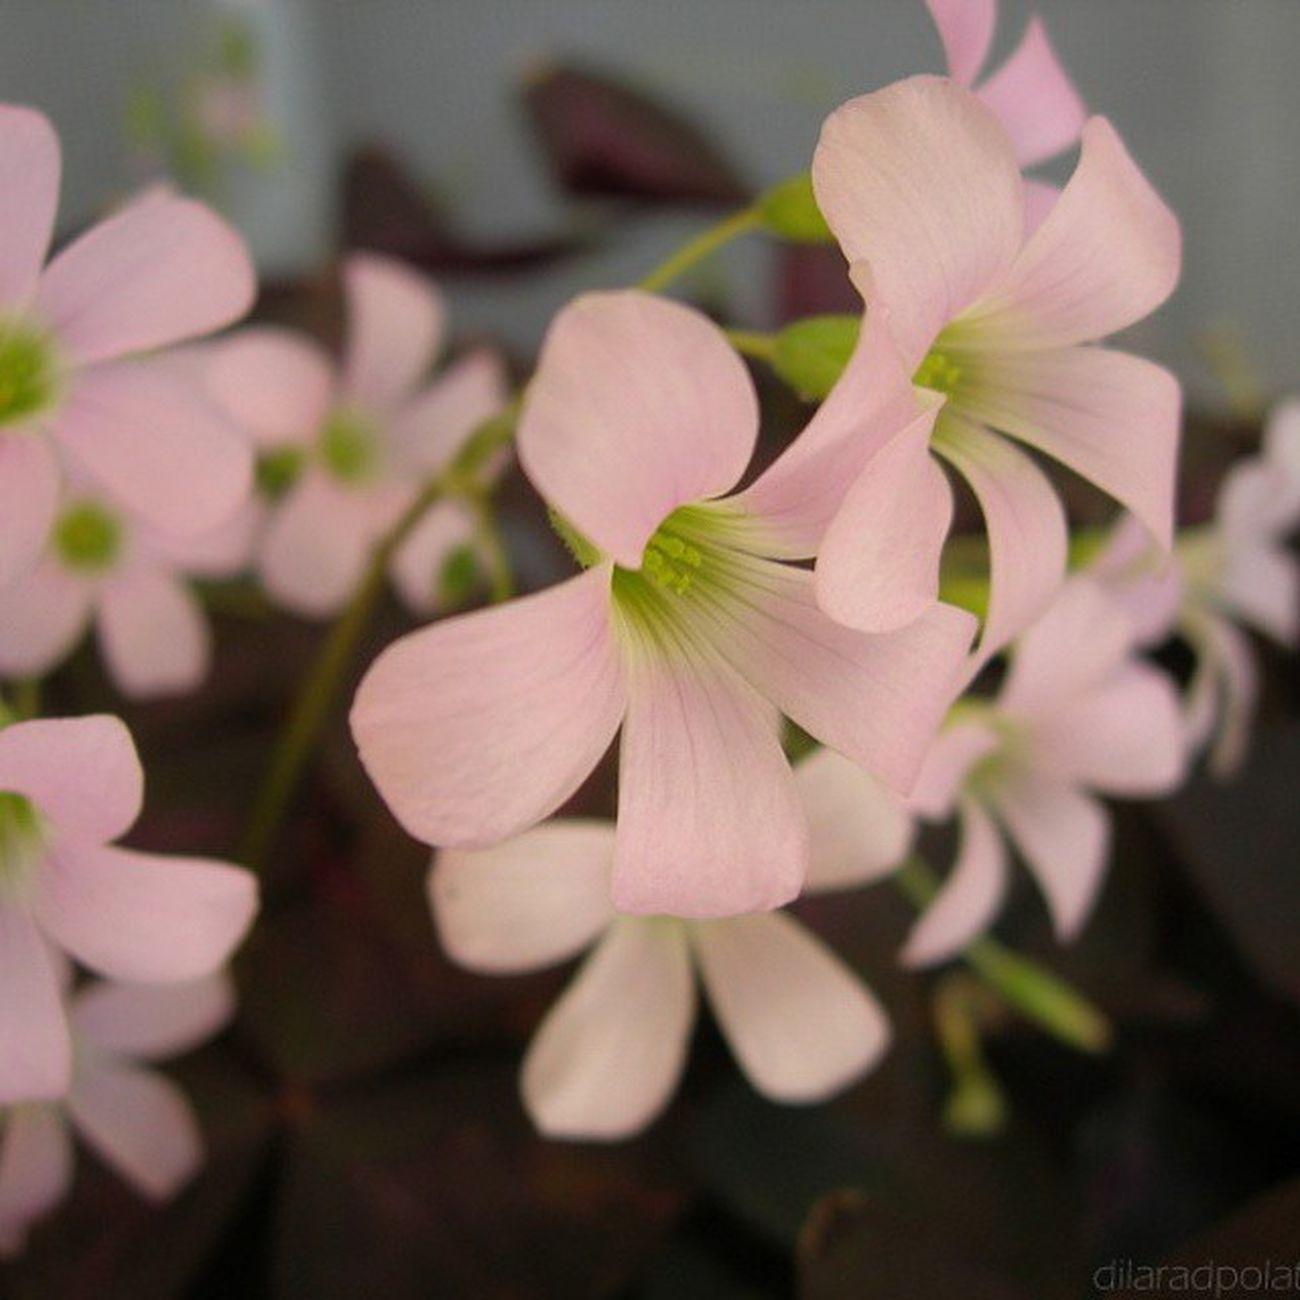 Neden bu kadar güzelsiniz ki? ♡ Balkonumdan Mybalkony Love Flower doğa fresh çiçek bitki plant spring pink narin pembe nature tazelik tabiatana delicate bahar güzellik pretty beauty Kemerköy Turkey nofilter noeffect